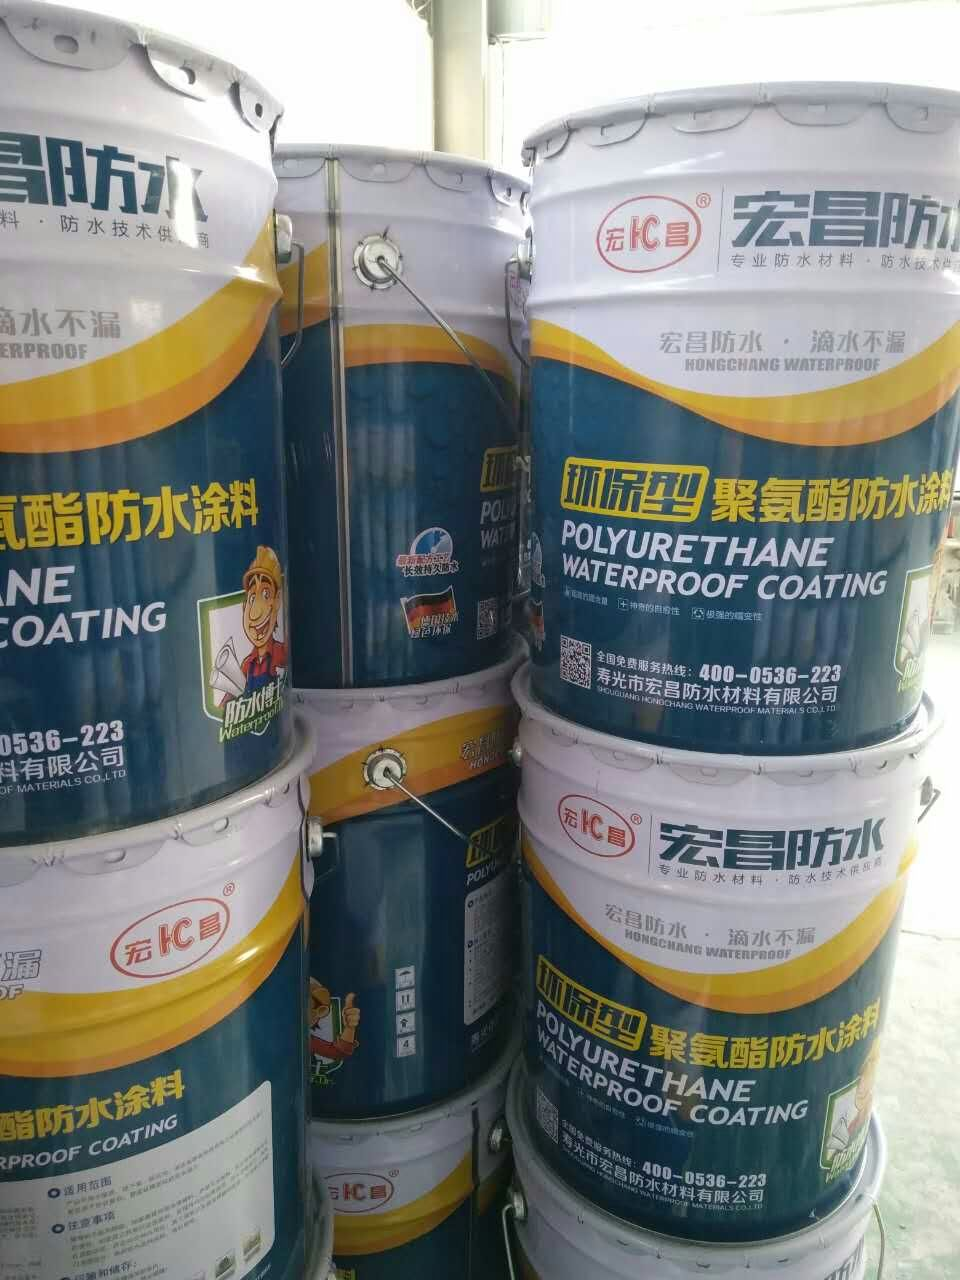 聚氨酯防水涂料廠家|物超所值的聚氨酯防水涂料推薦